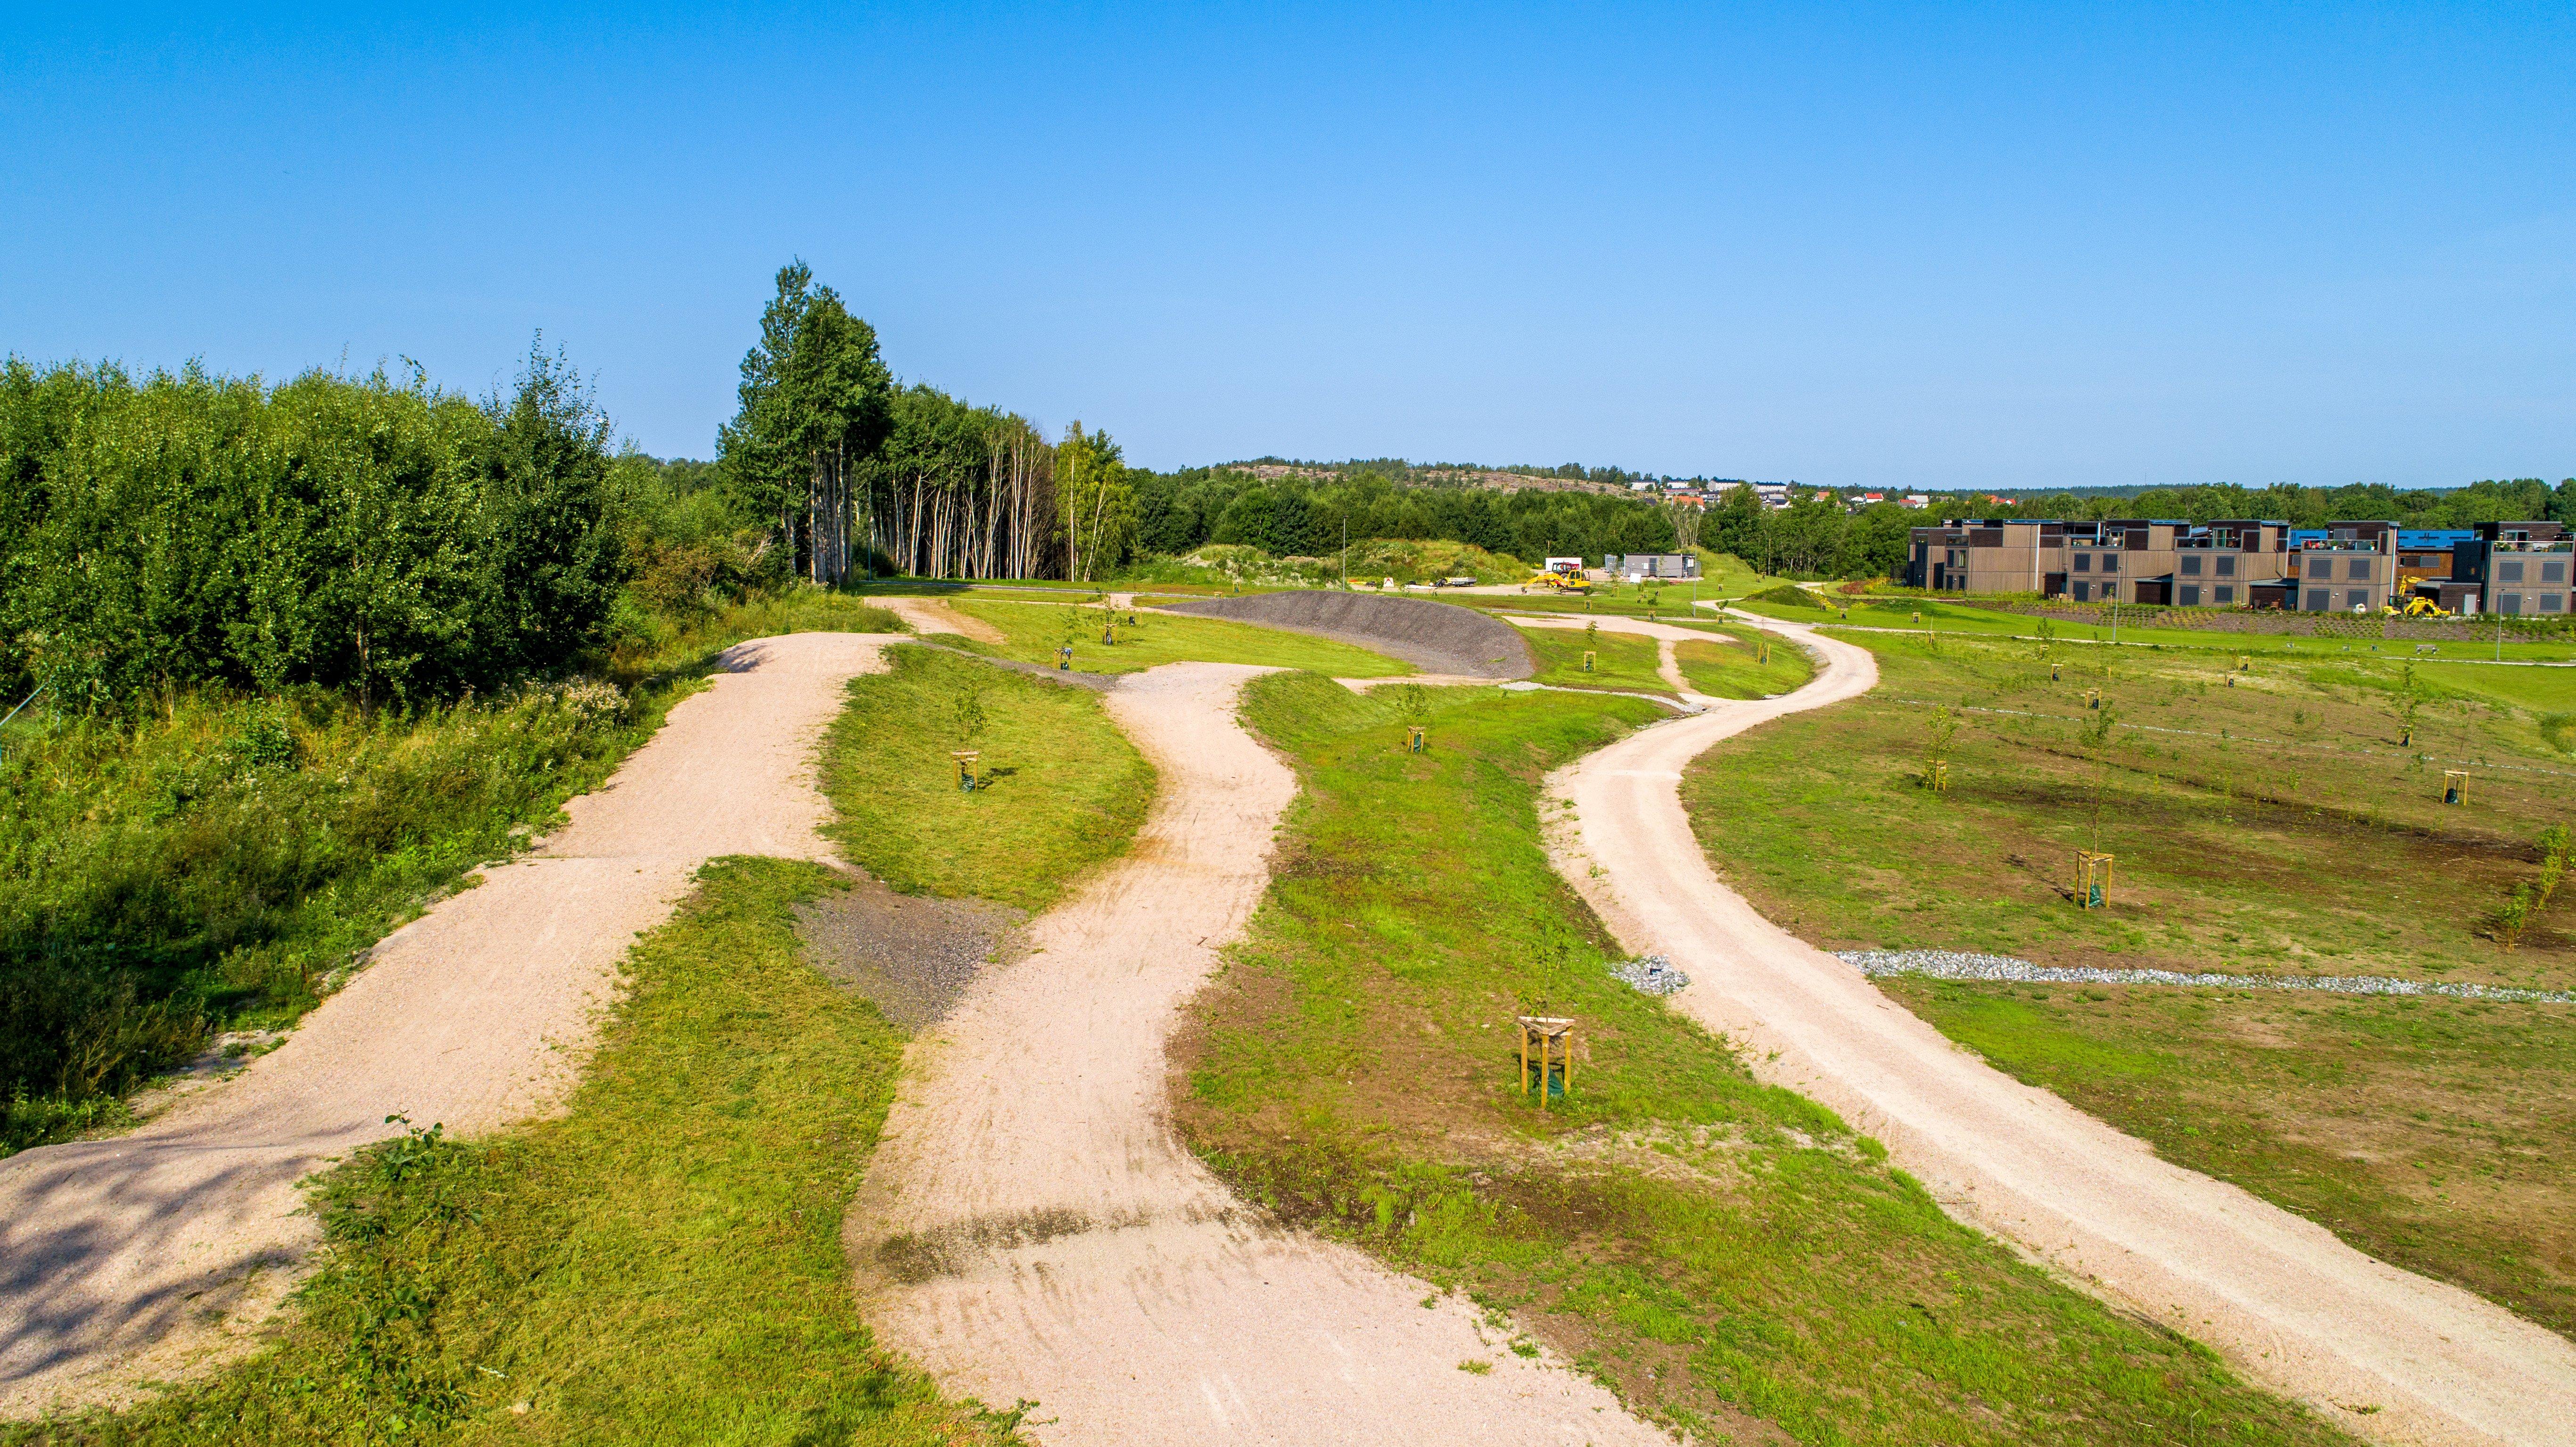 Terrengsykkelbane - Verksbyen Verksparken